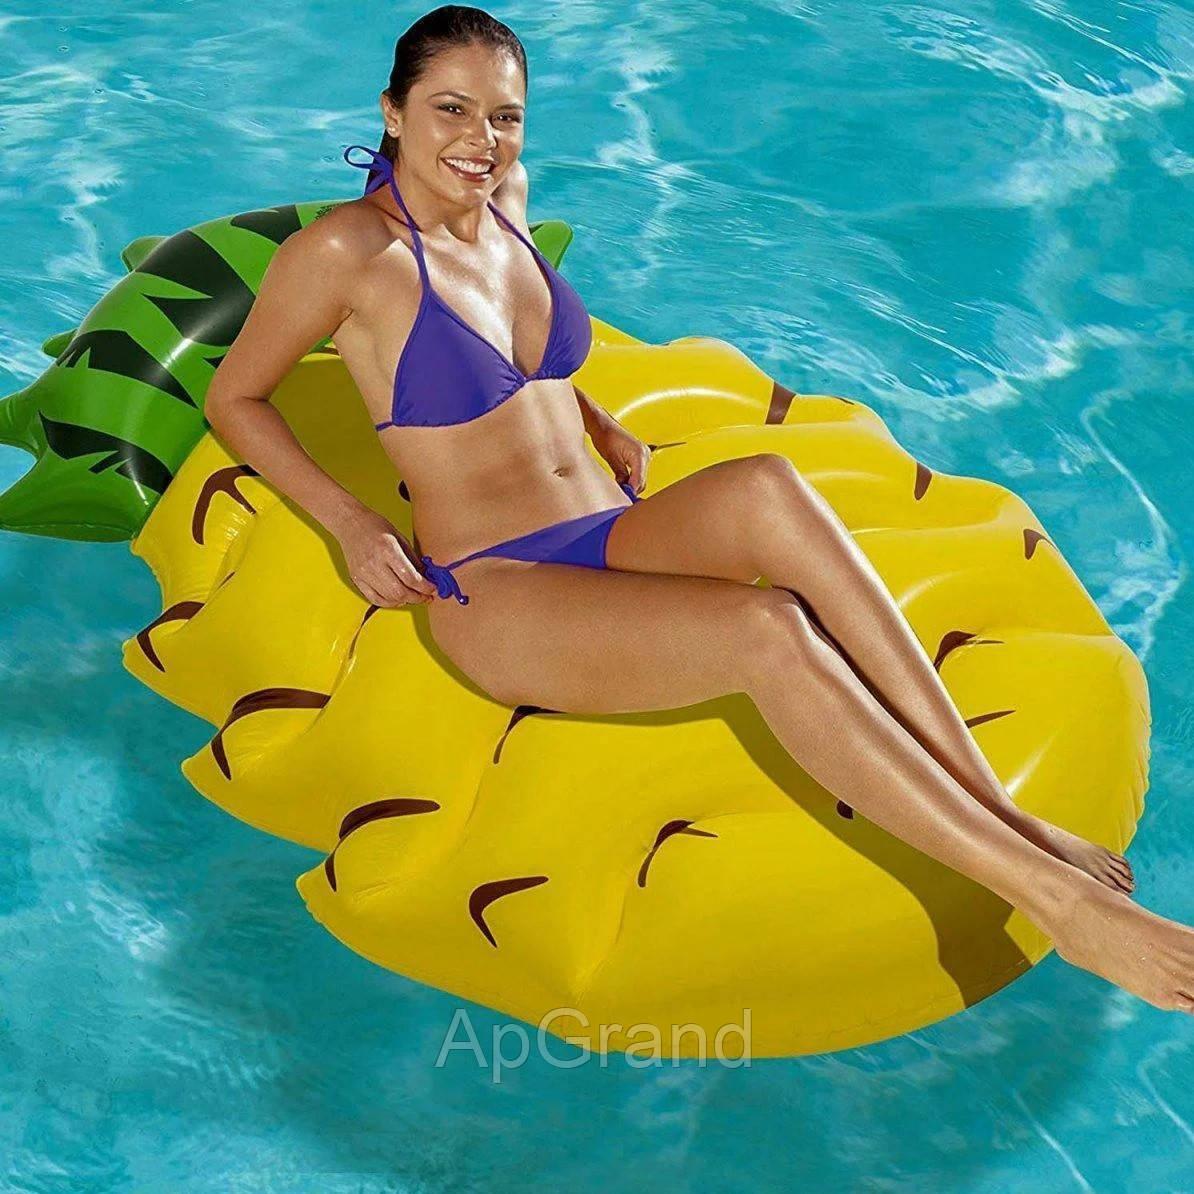 Оригинальный пляжный надувной матрас ягода ананас, большой детский плот для плавания круглый MB